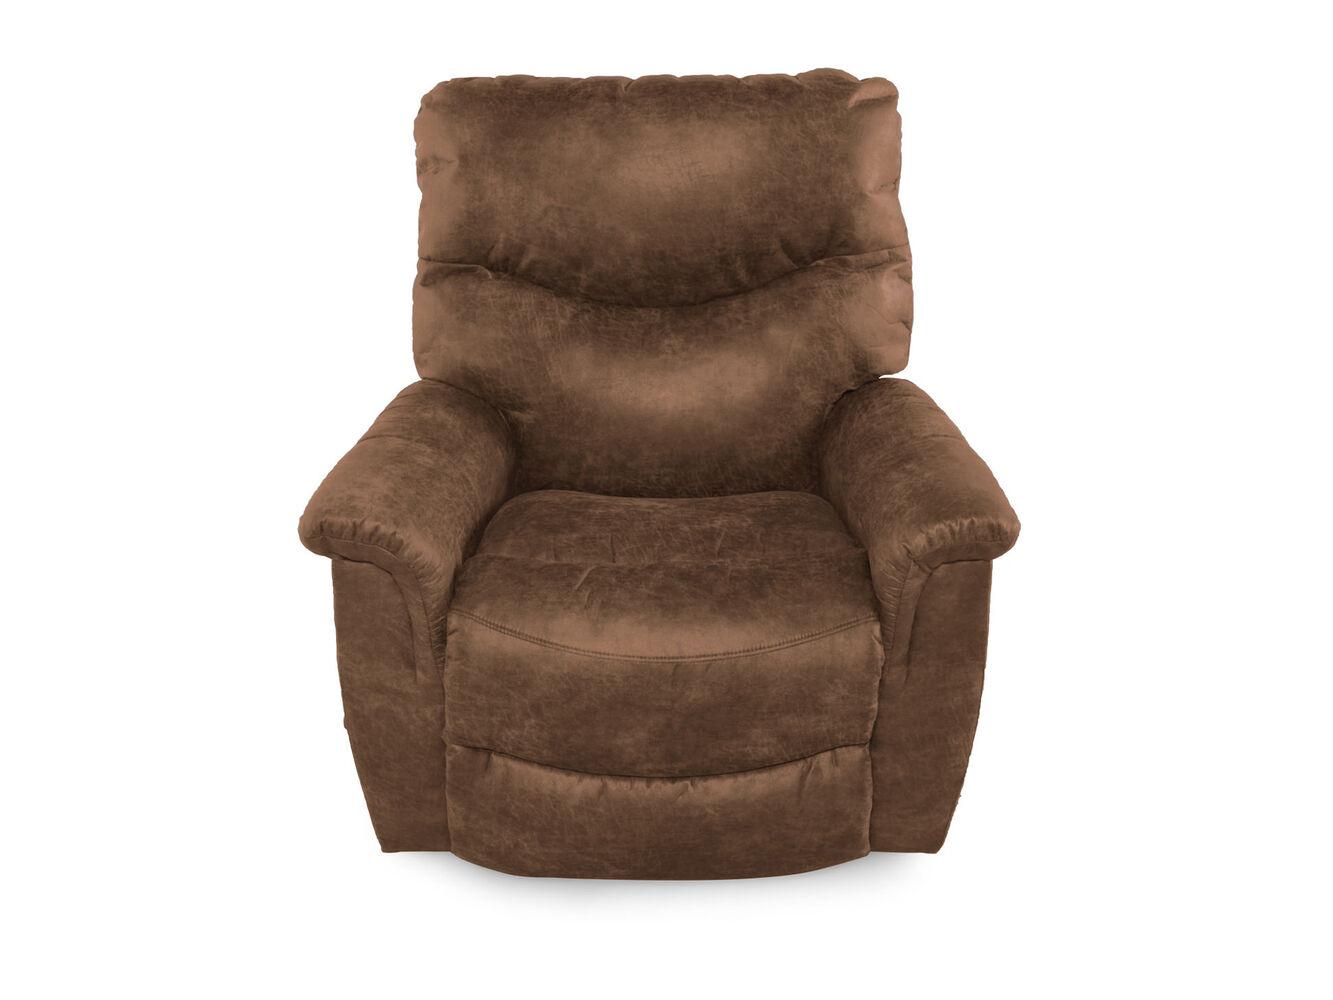 La z boy recliners buy one get one - La Z Boy James Silt Renew Leather Recliner